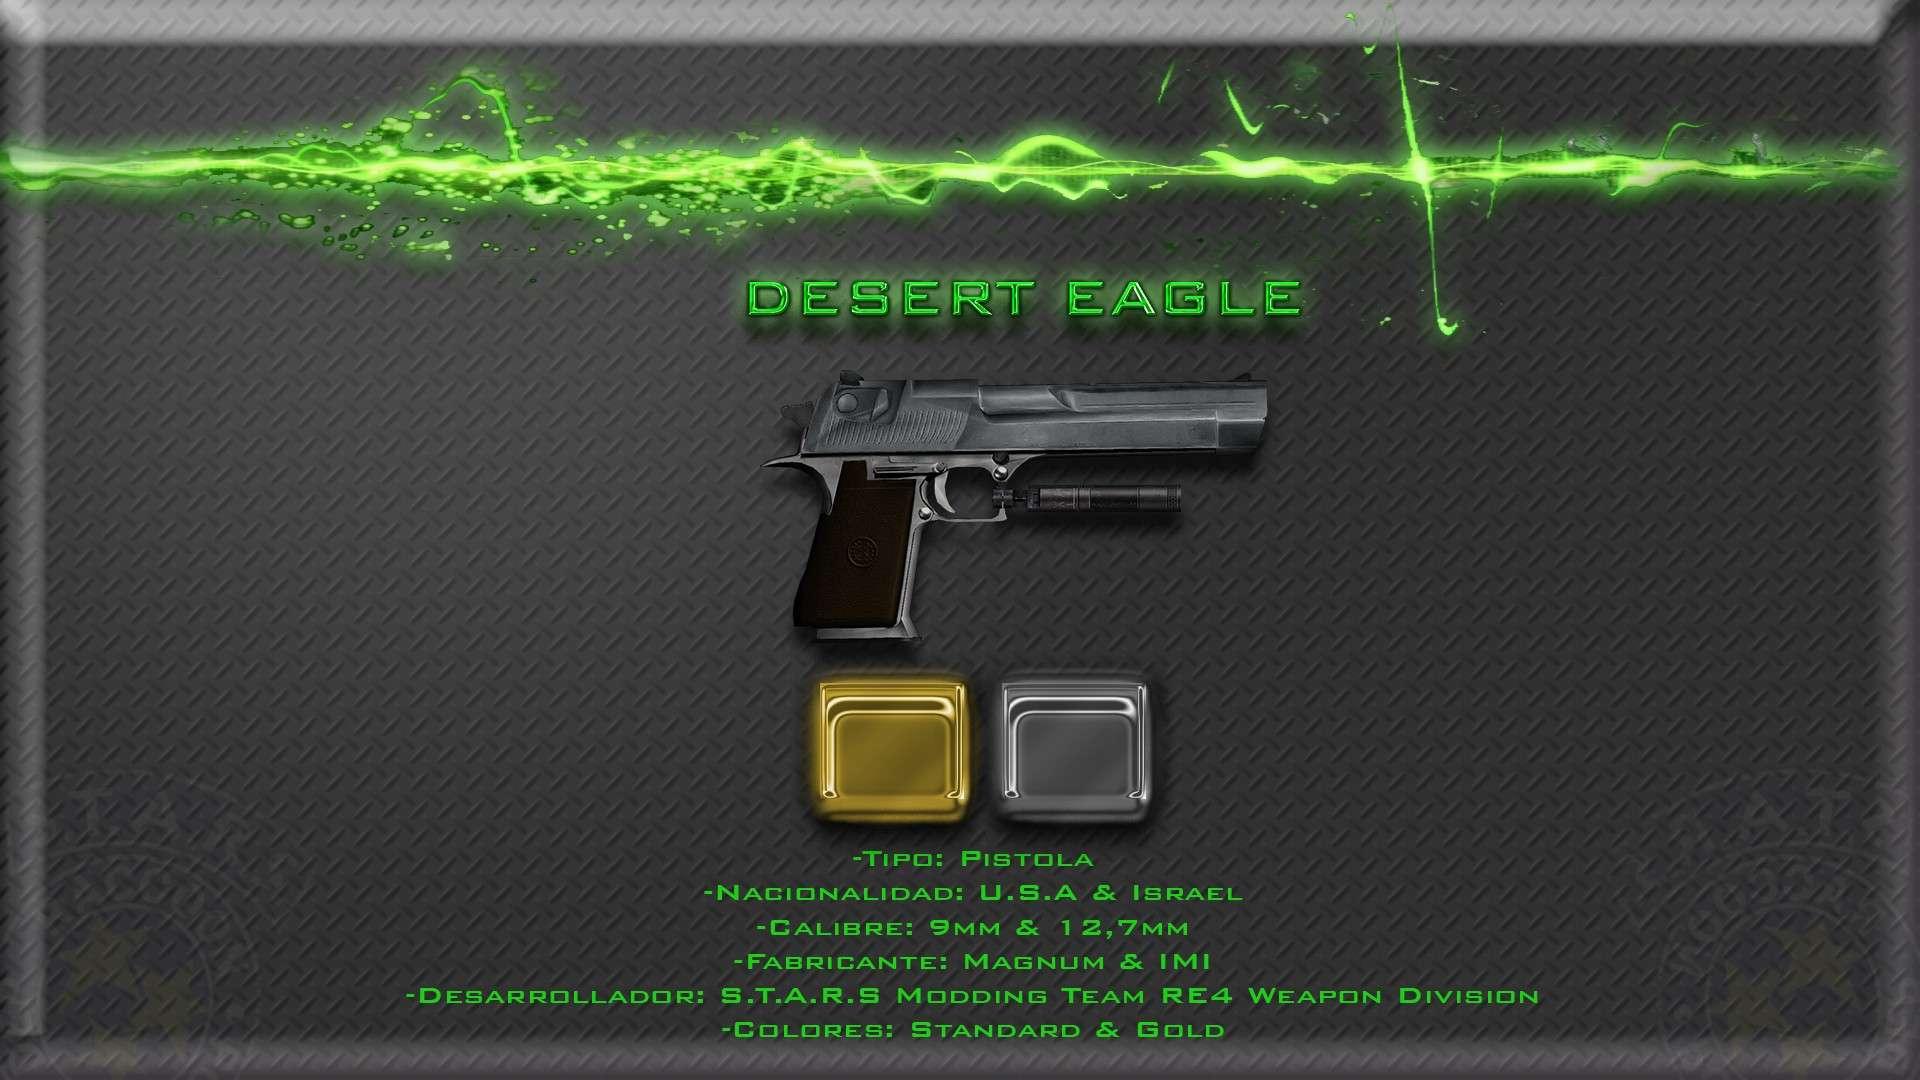 Desert Eagle + Gold + Silenciador + cargadores por caja de balas Render12